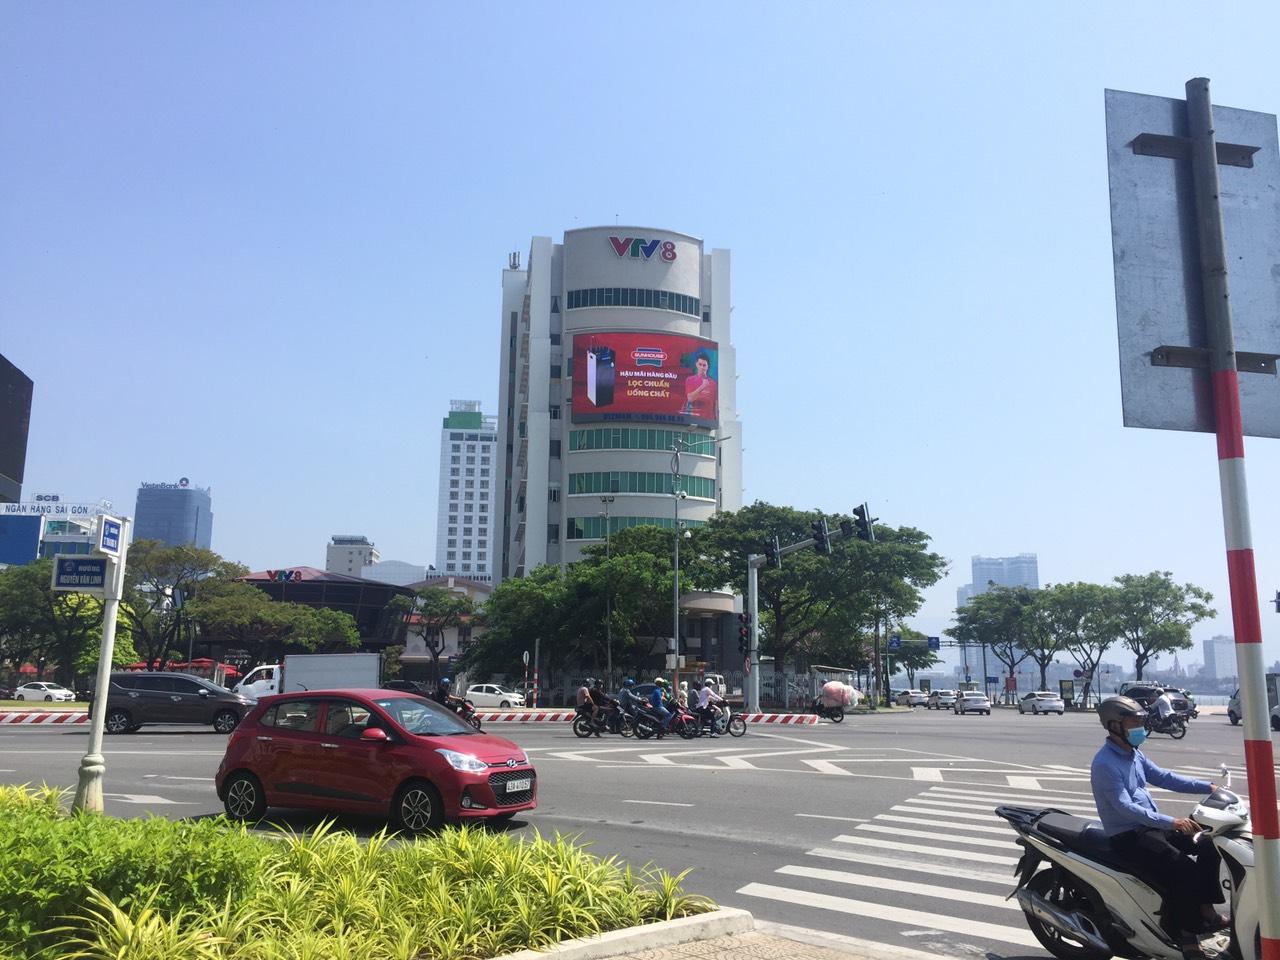 Quảng cáo màn hình led ngoài trời tại Đà Nẵng vị trí và báo giá